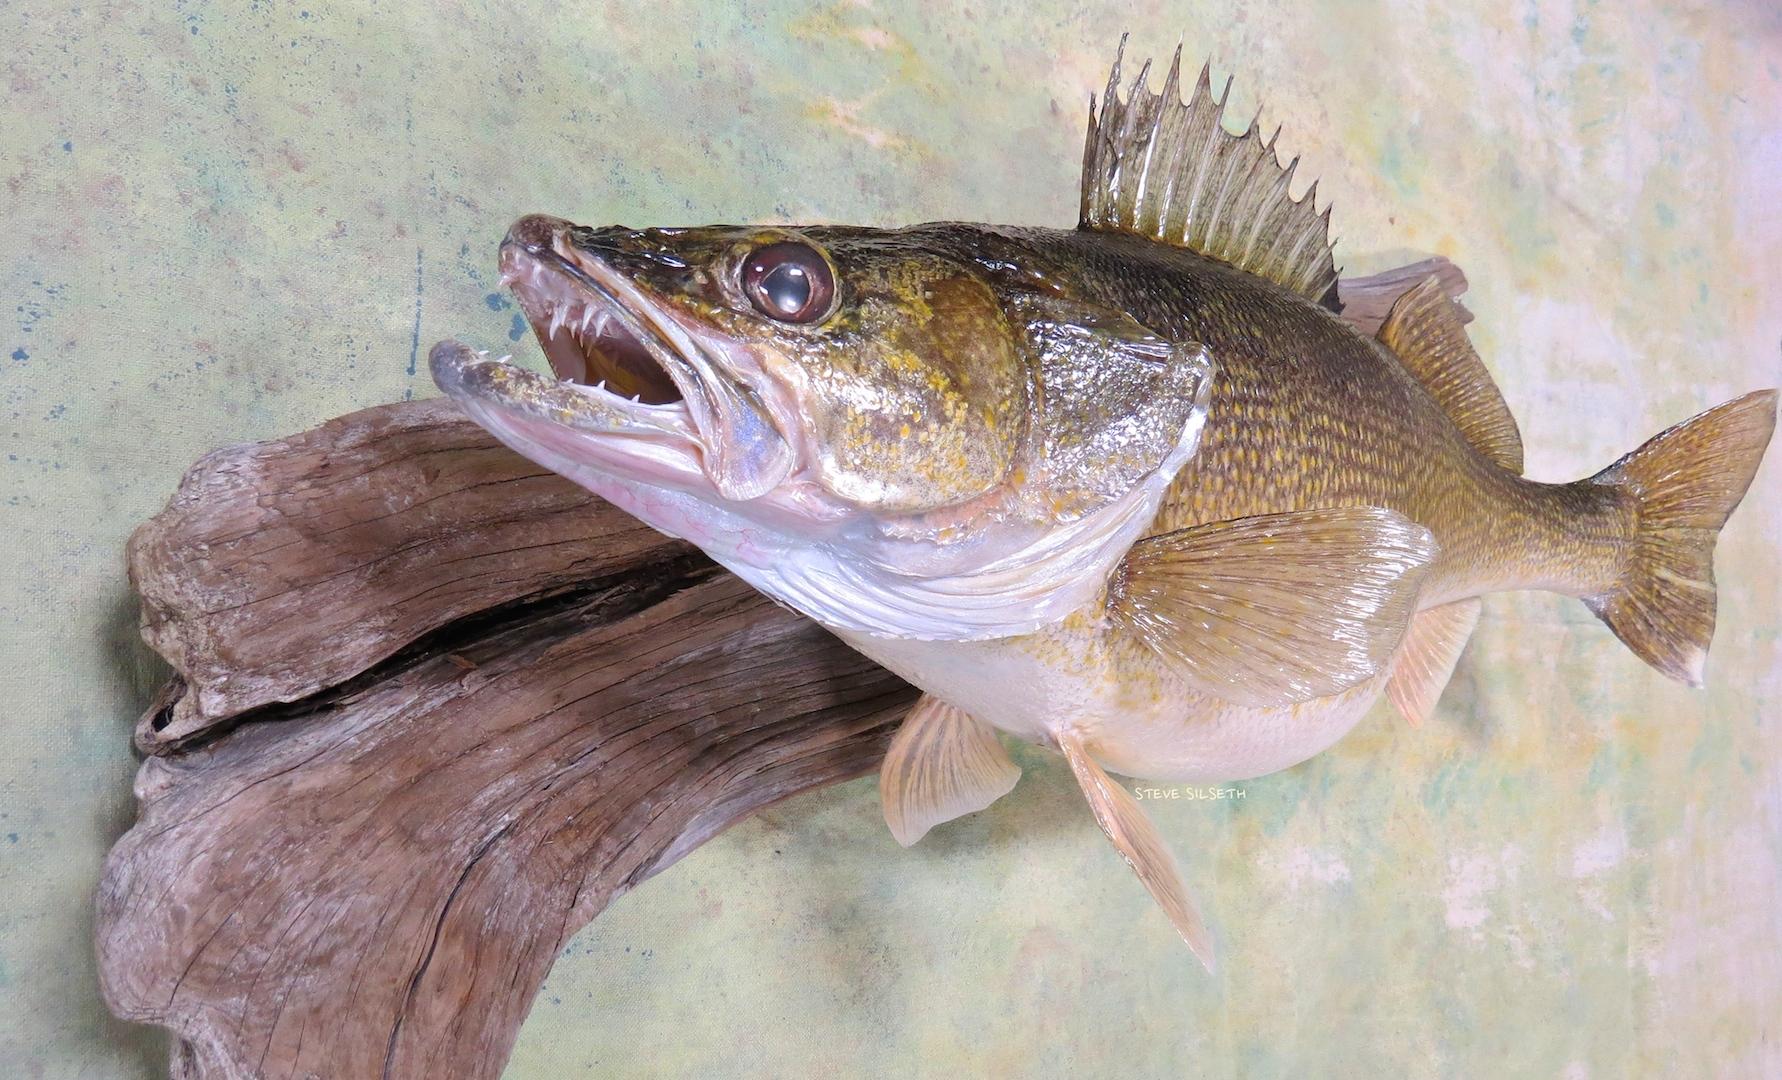 walleye taxidermy mount.jpg